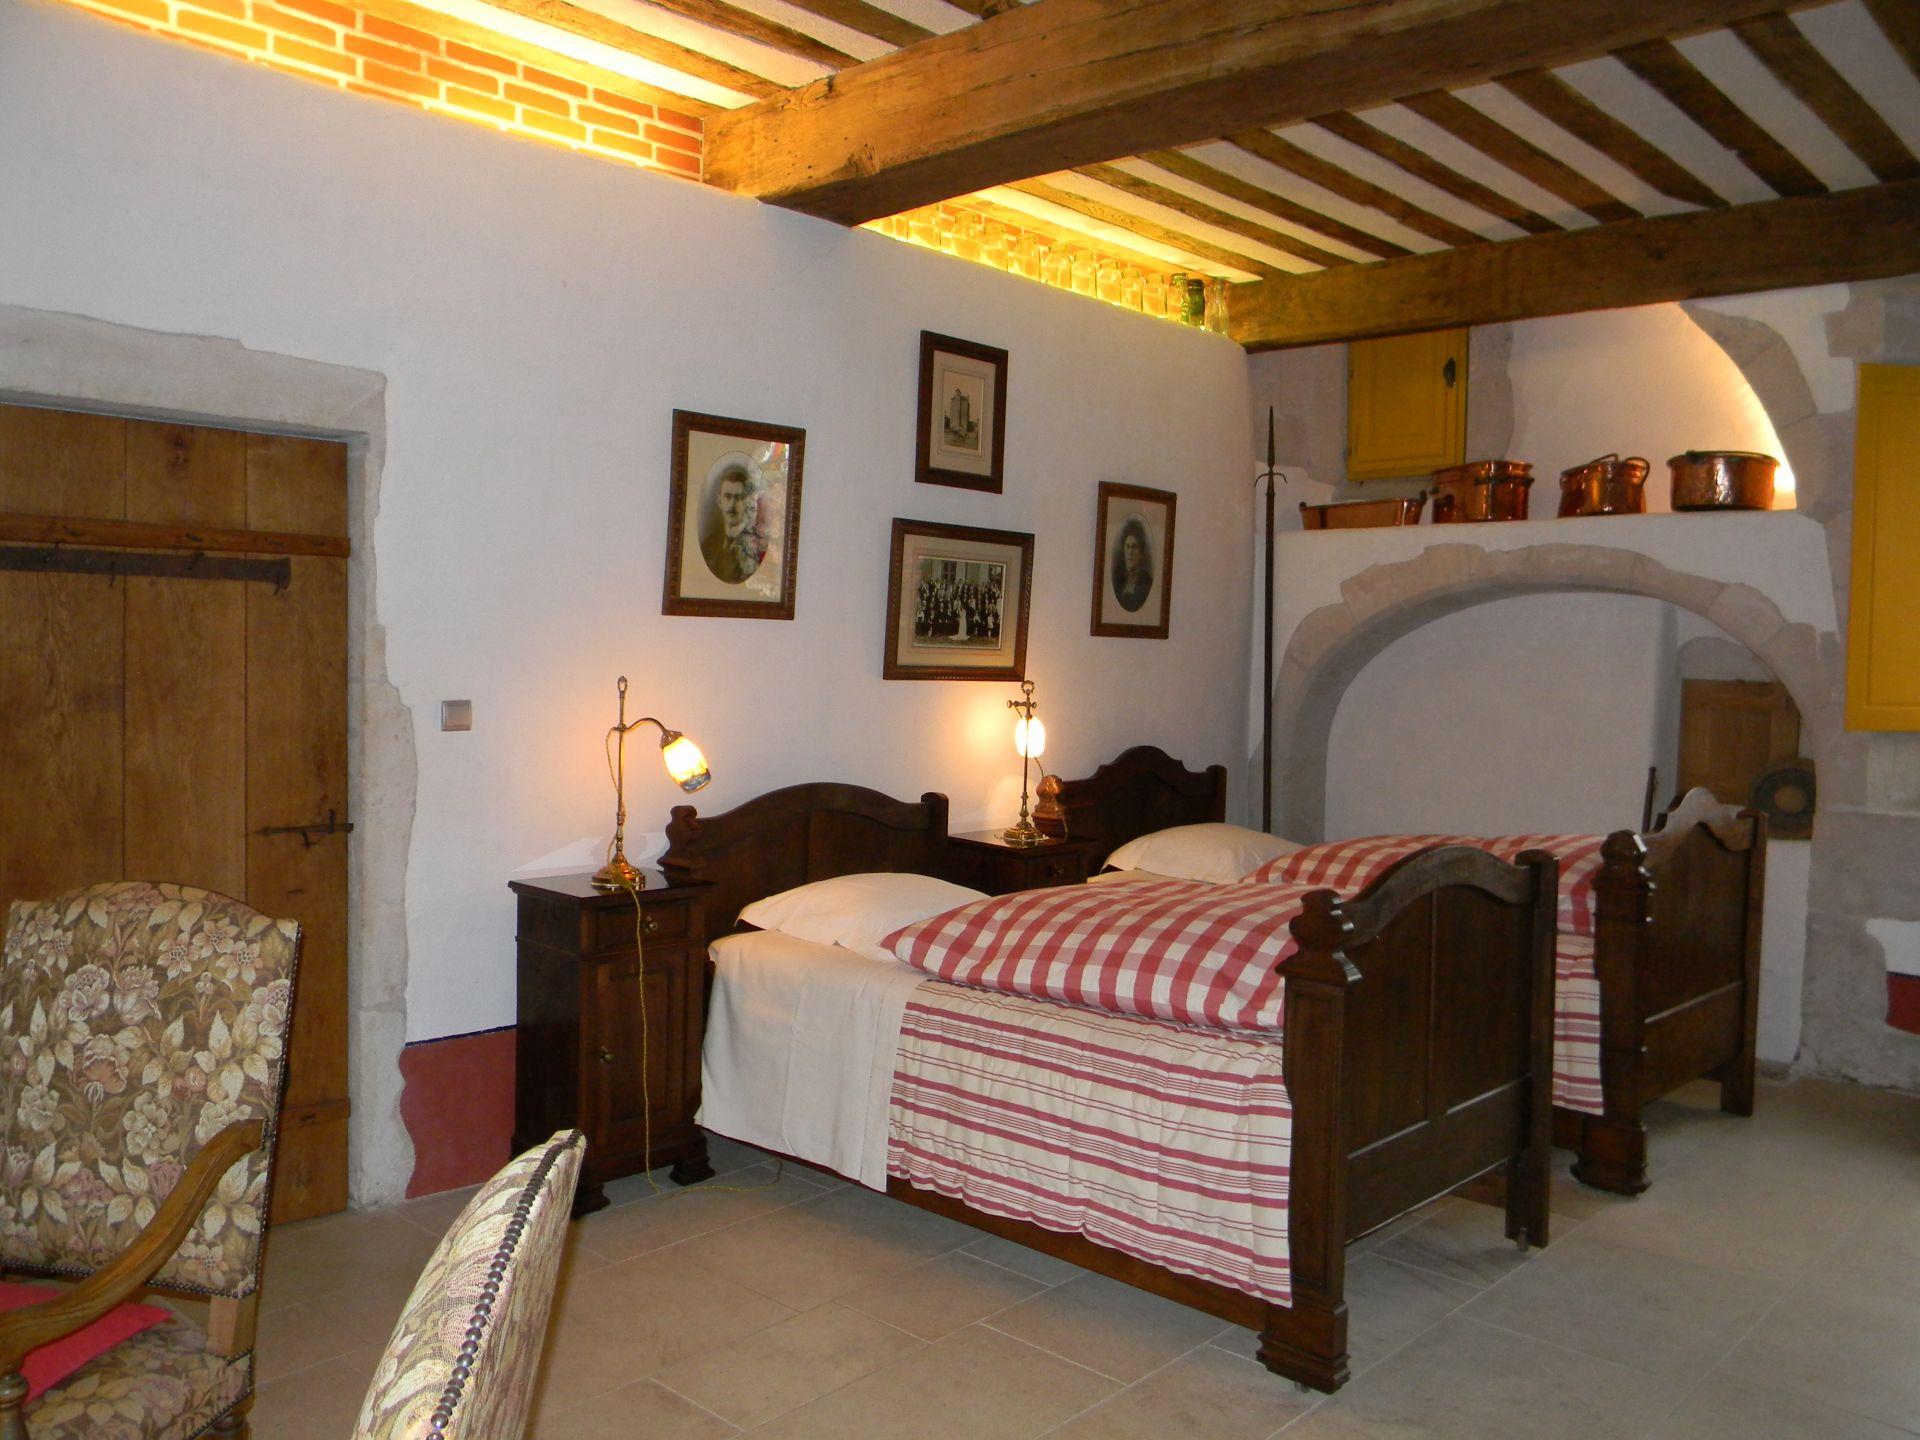 Chambres D'Hotes Au Manoir - Lorraine Tourisme intérieur Chambre D Hote Périgueux